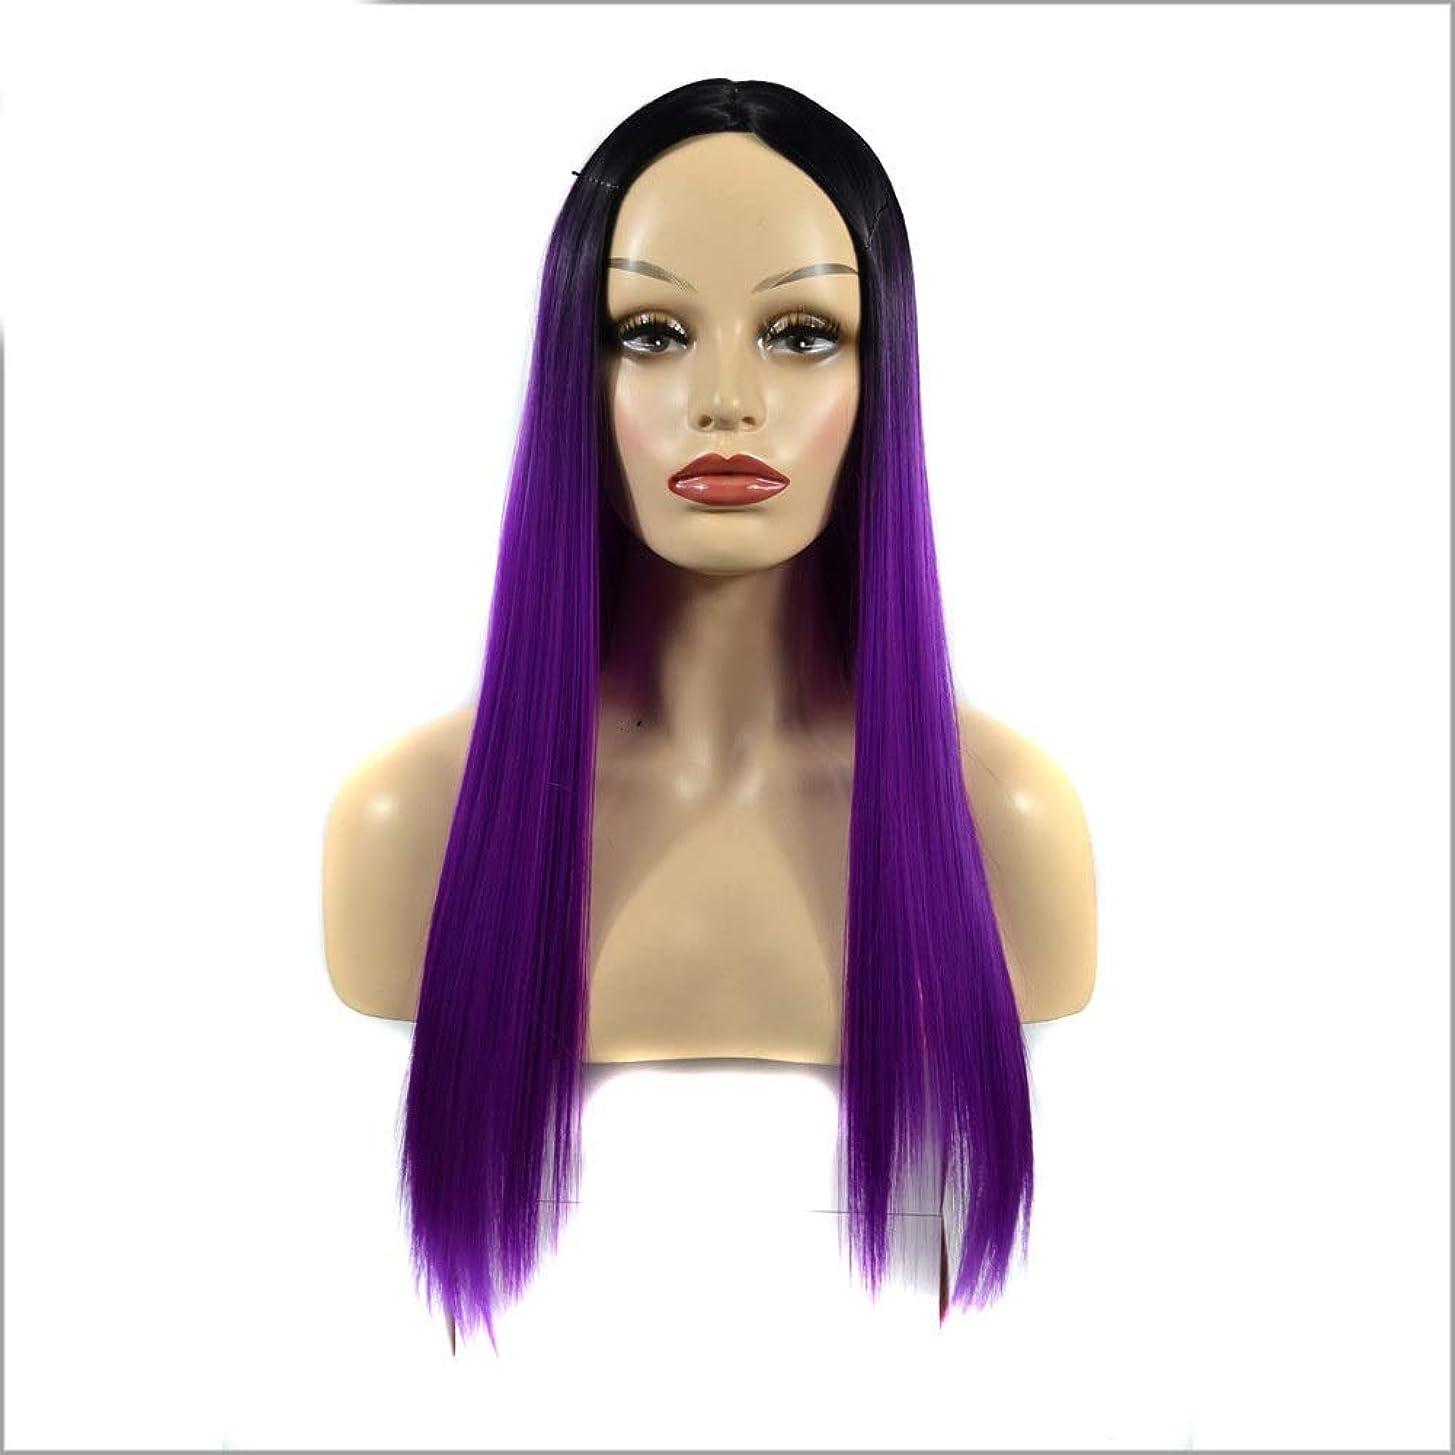 誘惑準備途方もないBOBIDYEE 女性のシルキーロングストレートパープル耐熱合成かつら前髪付きパーティードレスウィッグパーティーかつら (色 : 紫の, サイズ : 60cm)